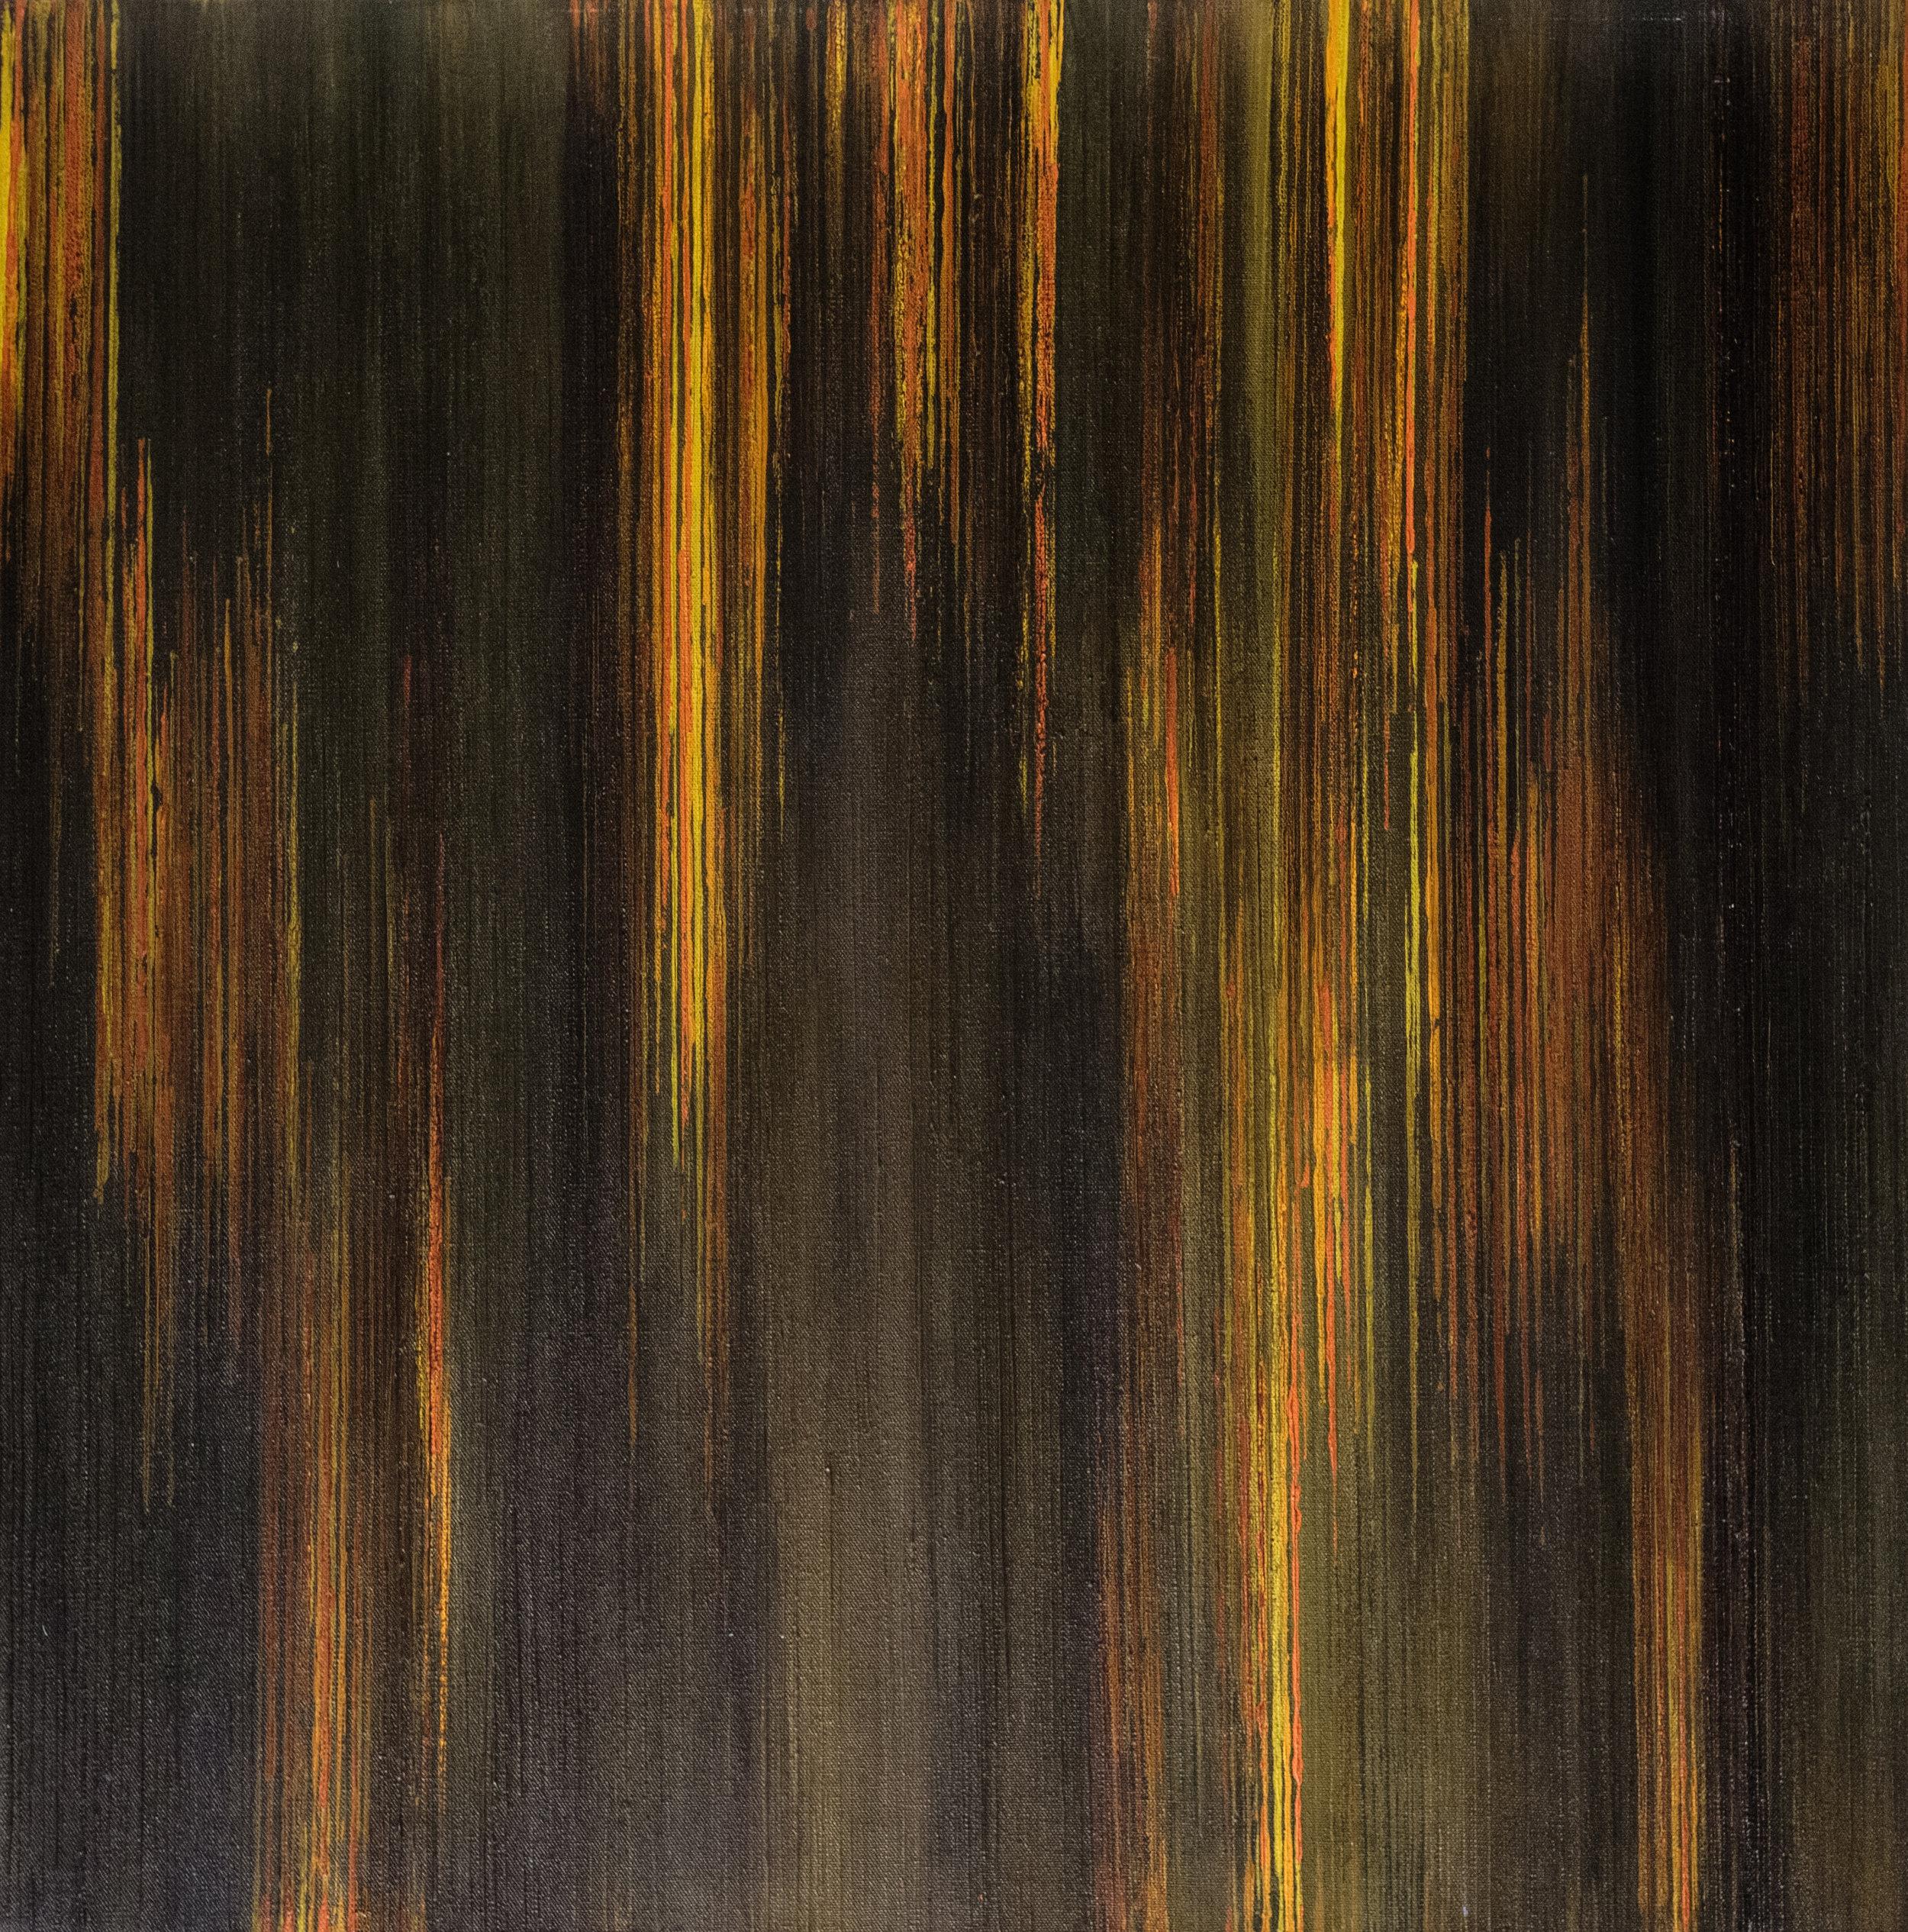 Linescape VI - Golden Brown/Orange 2016